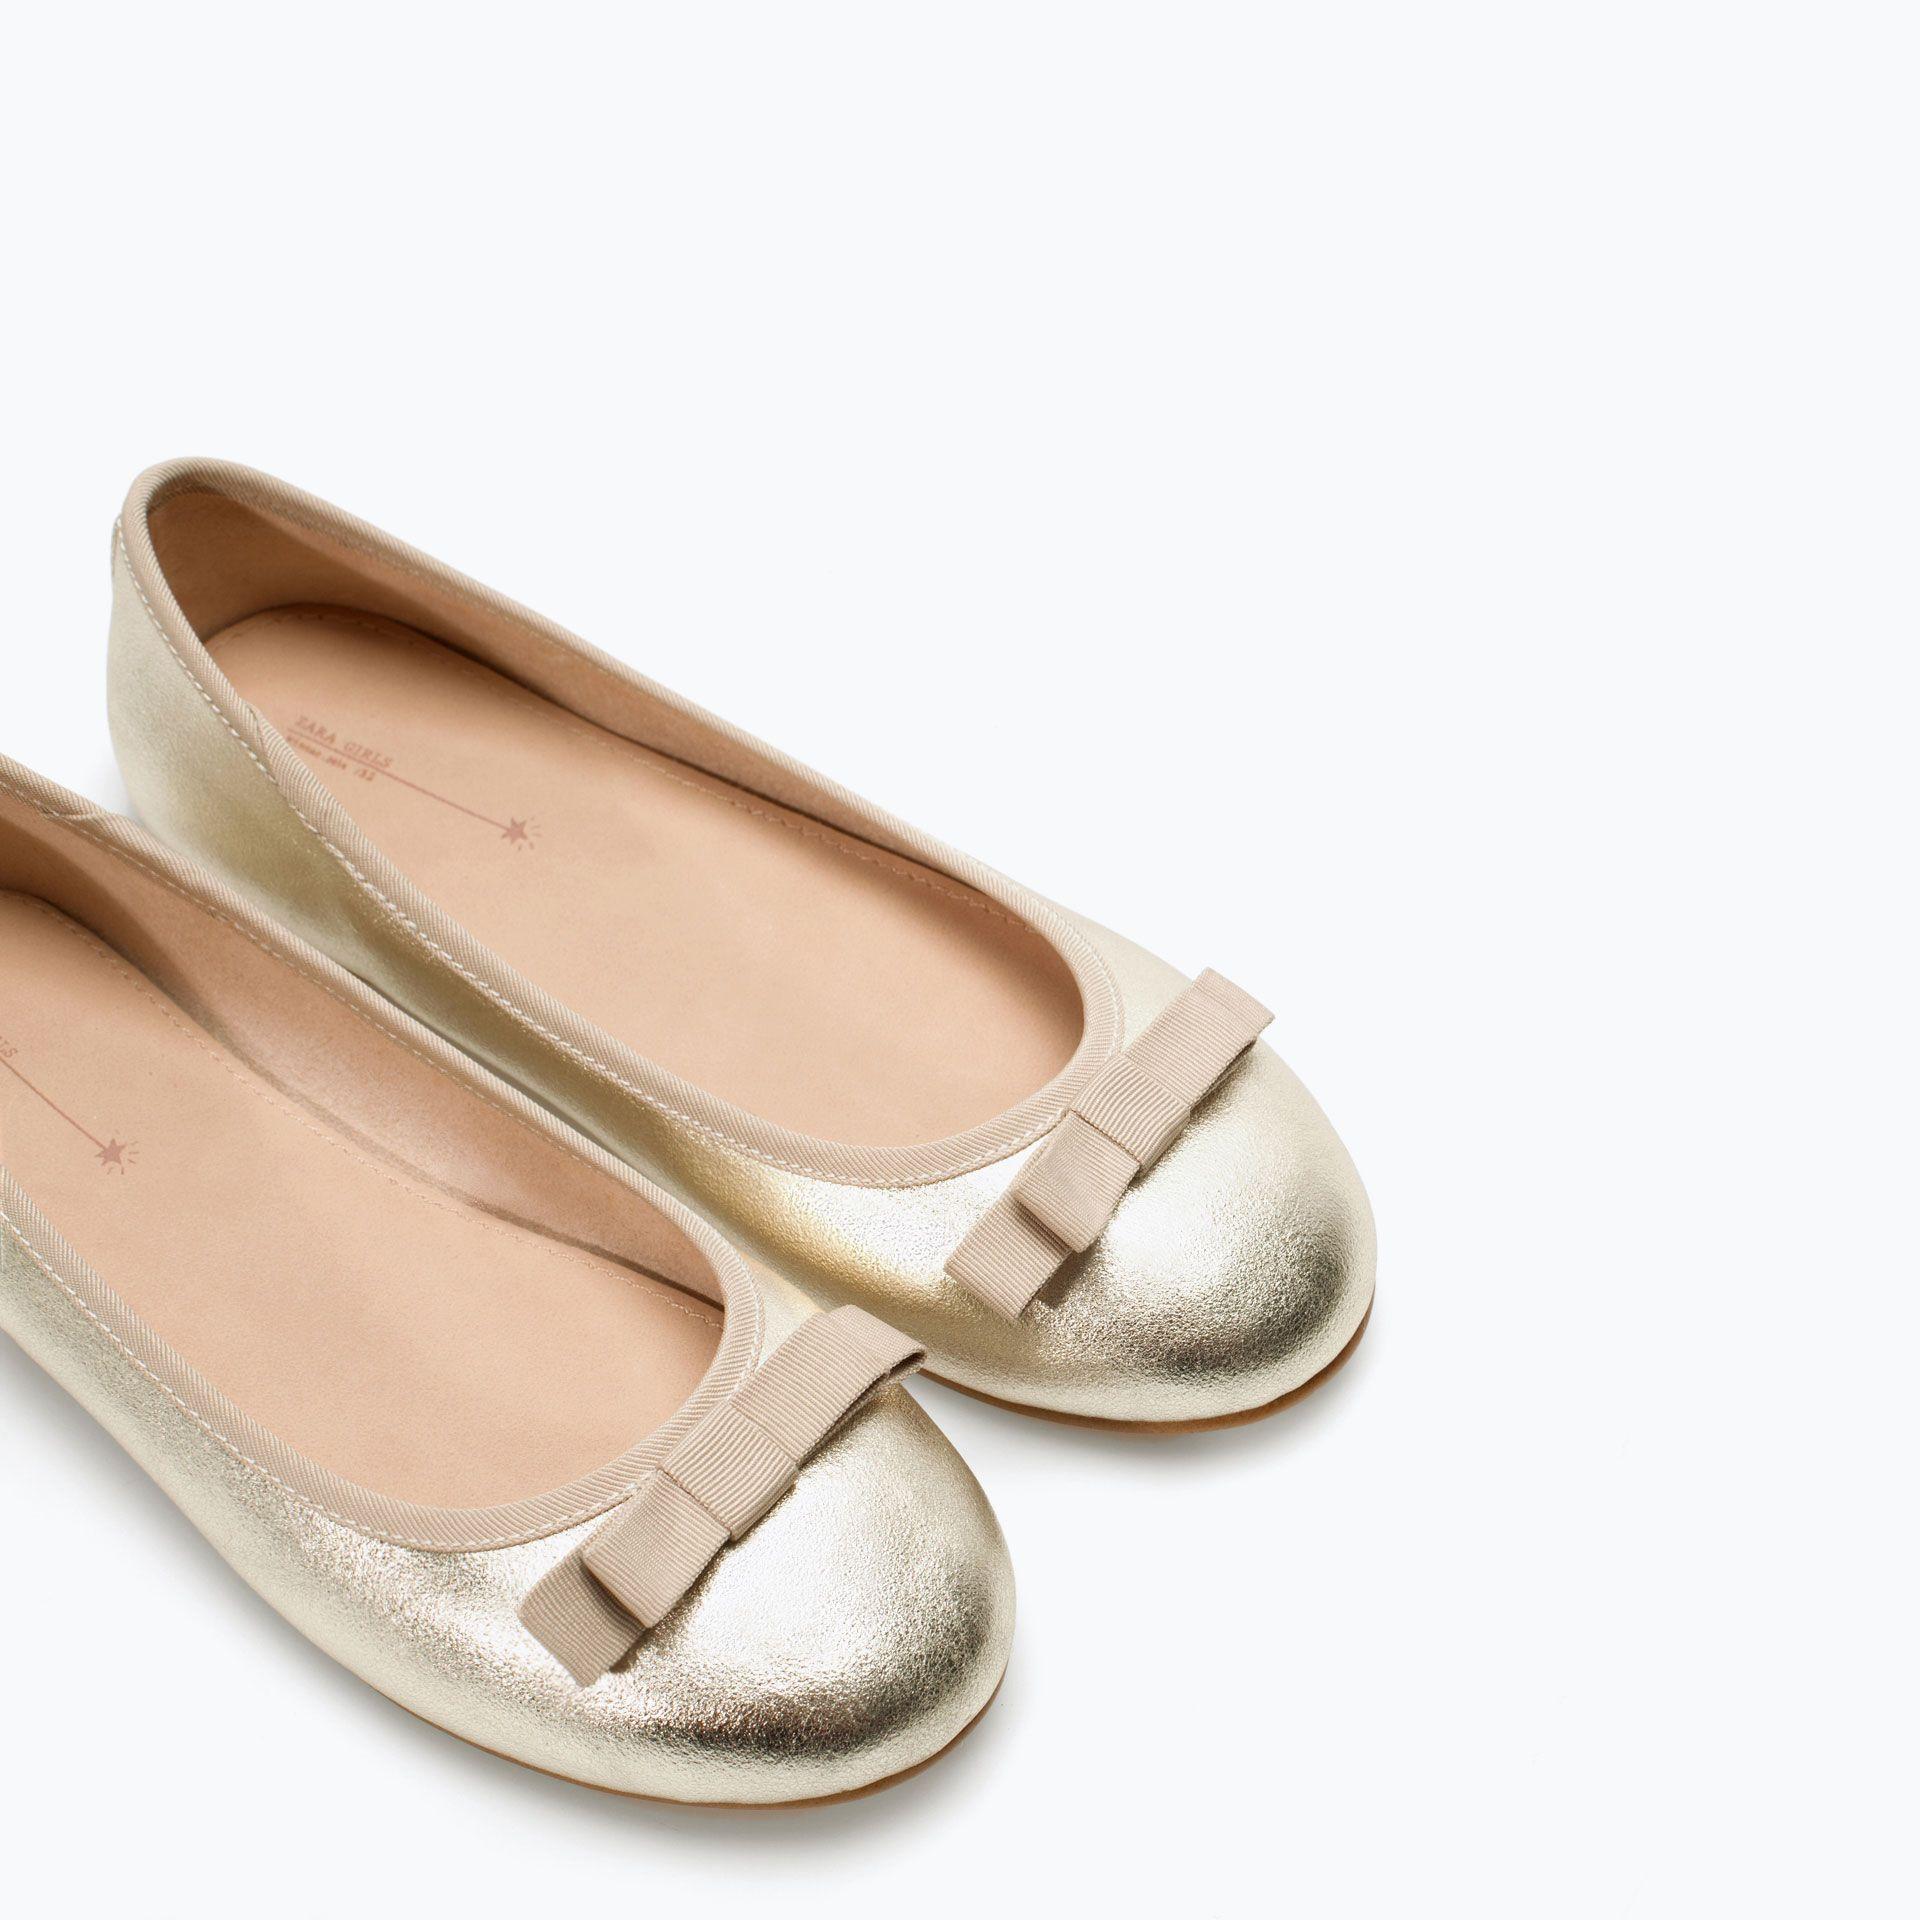 BALLERINES MÉTALLISÉES - Chaussures - Filles (3 - 14 ans) - ENFANTS   ZARA  France ab372b670334